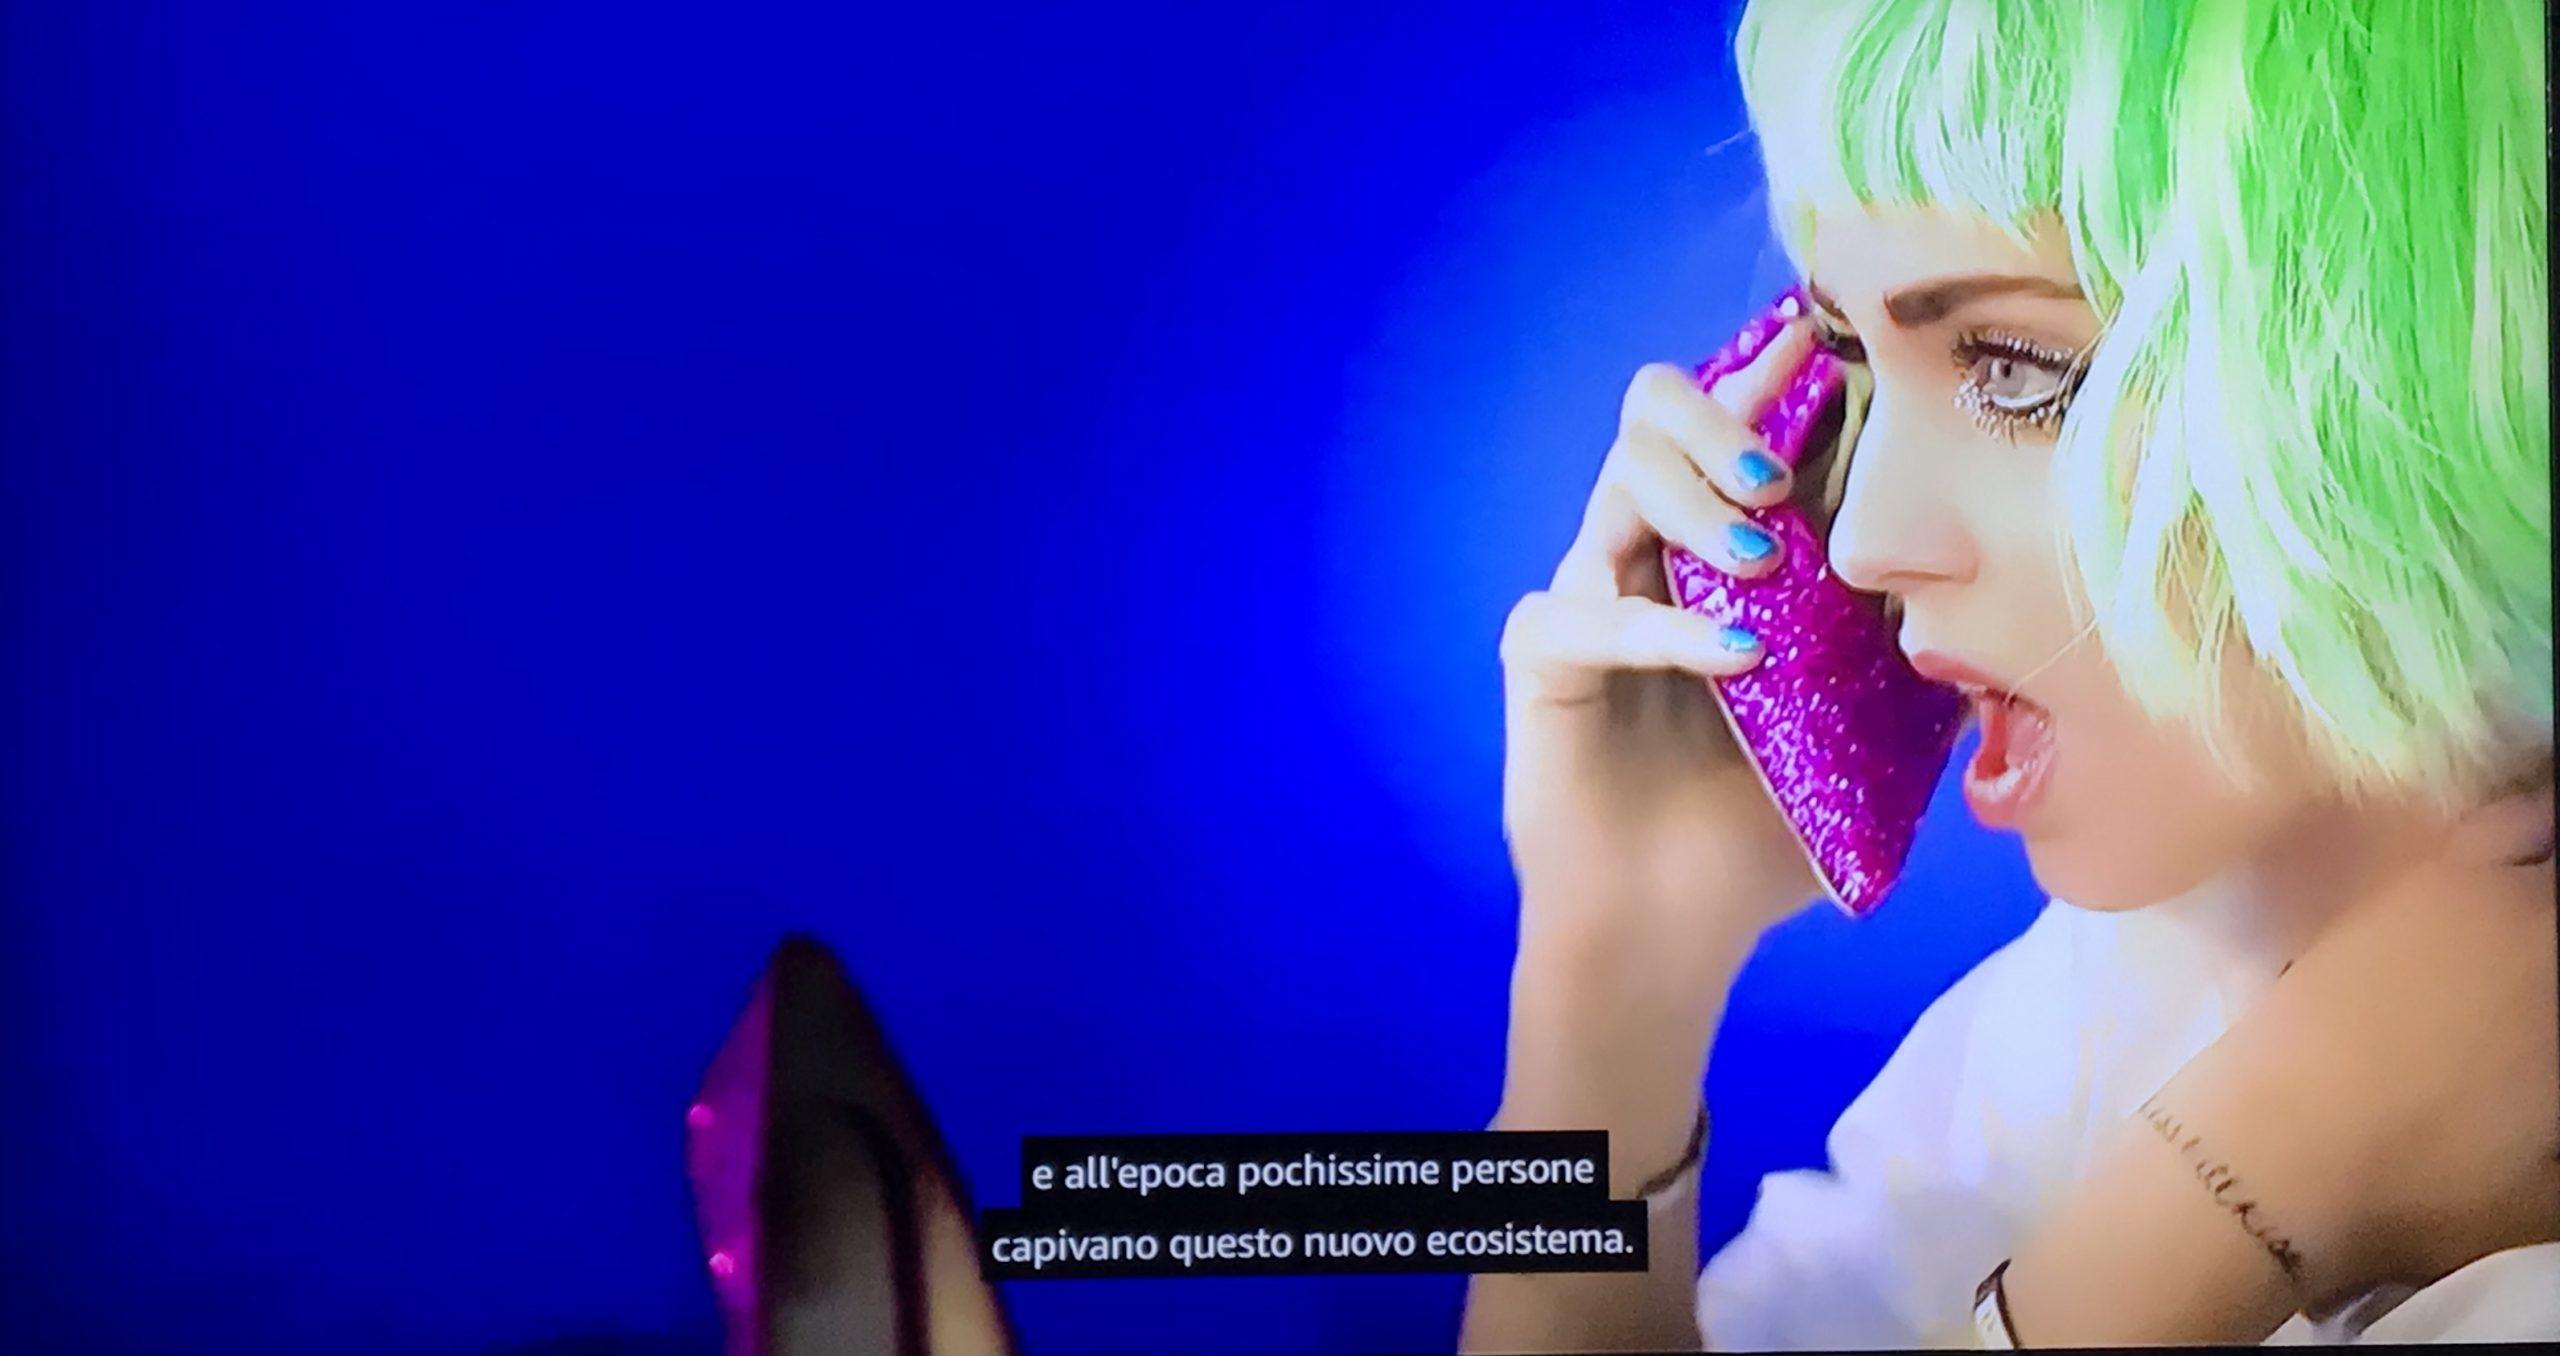 """Tv, Cinema. AmazonPrime: Chiara Ferragni Unposted, una """"perfetta"""" Carrie Bradshow formato digitale"""